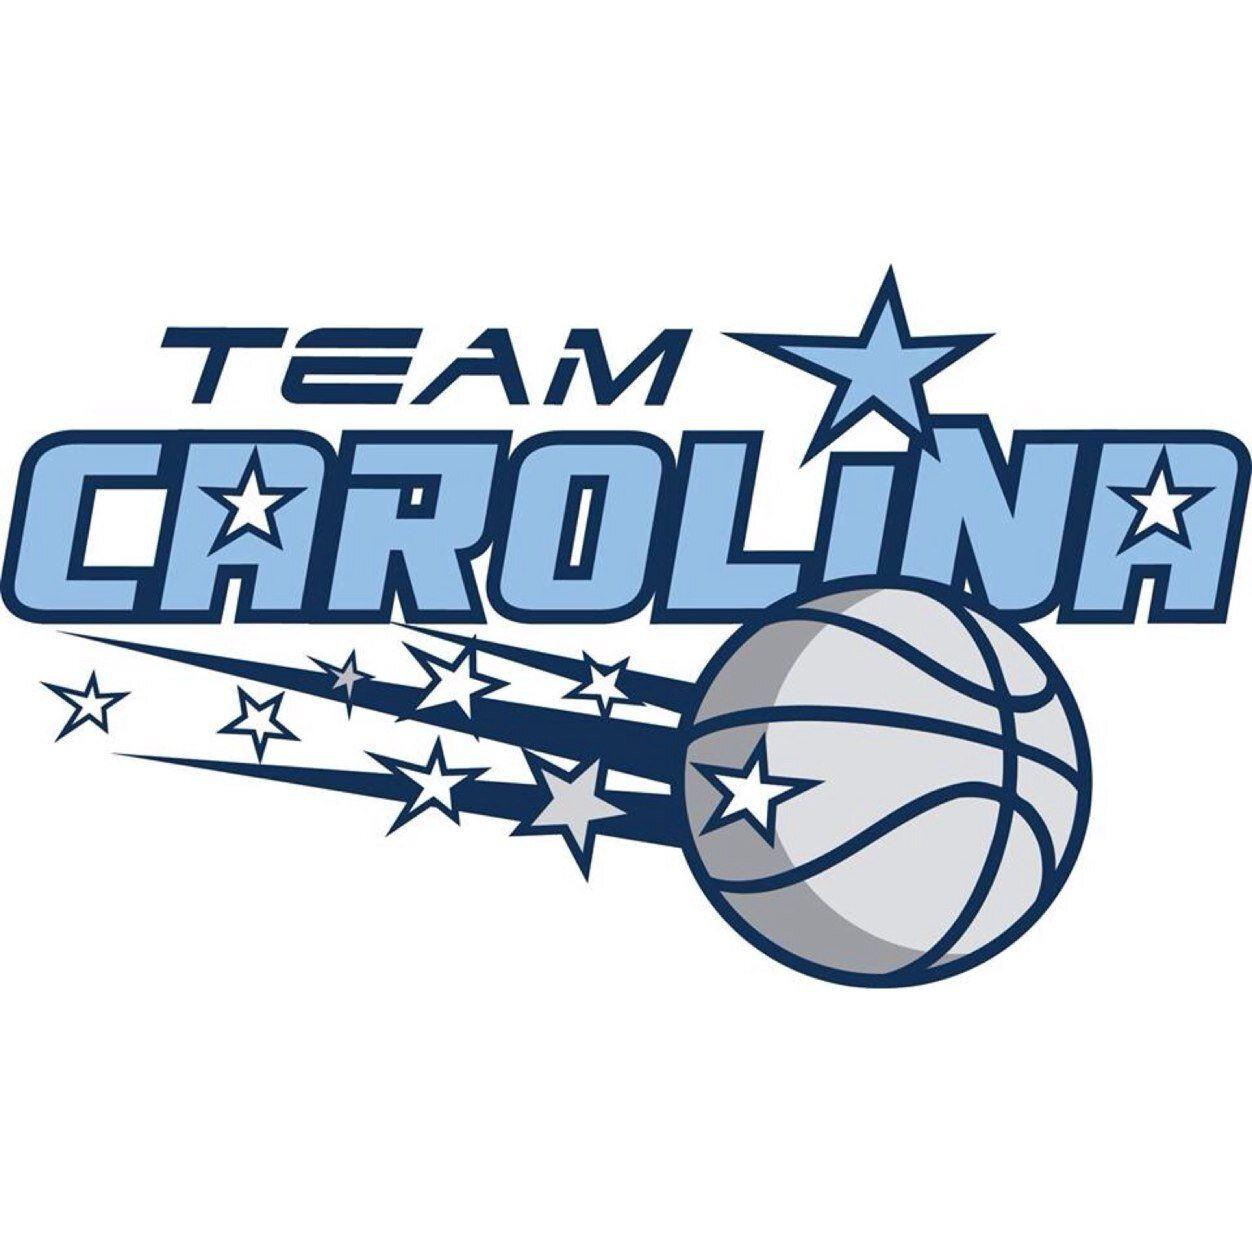 Team Carolina - 17u Watkins